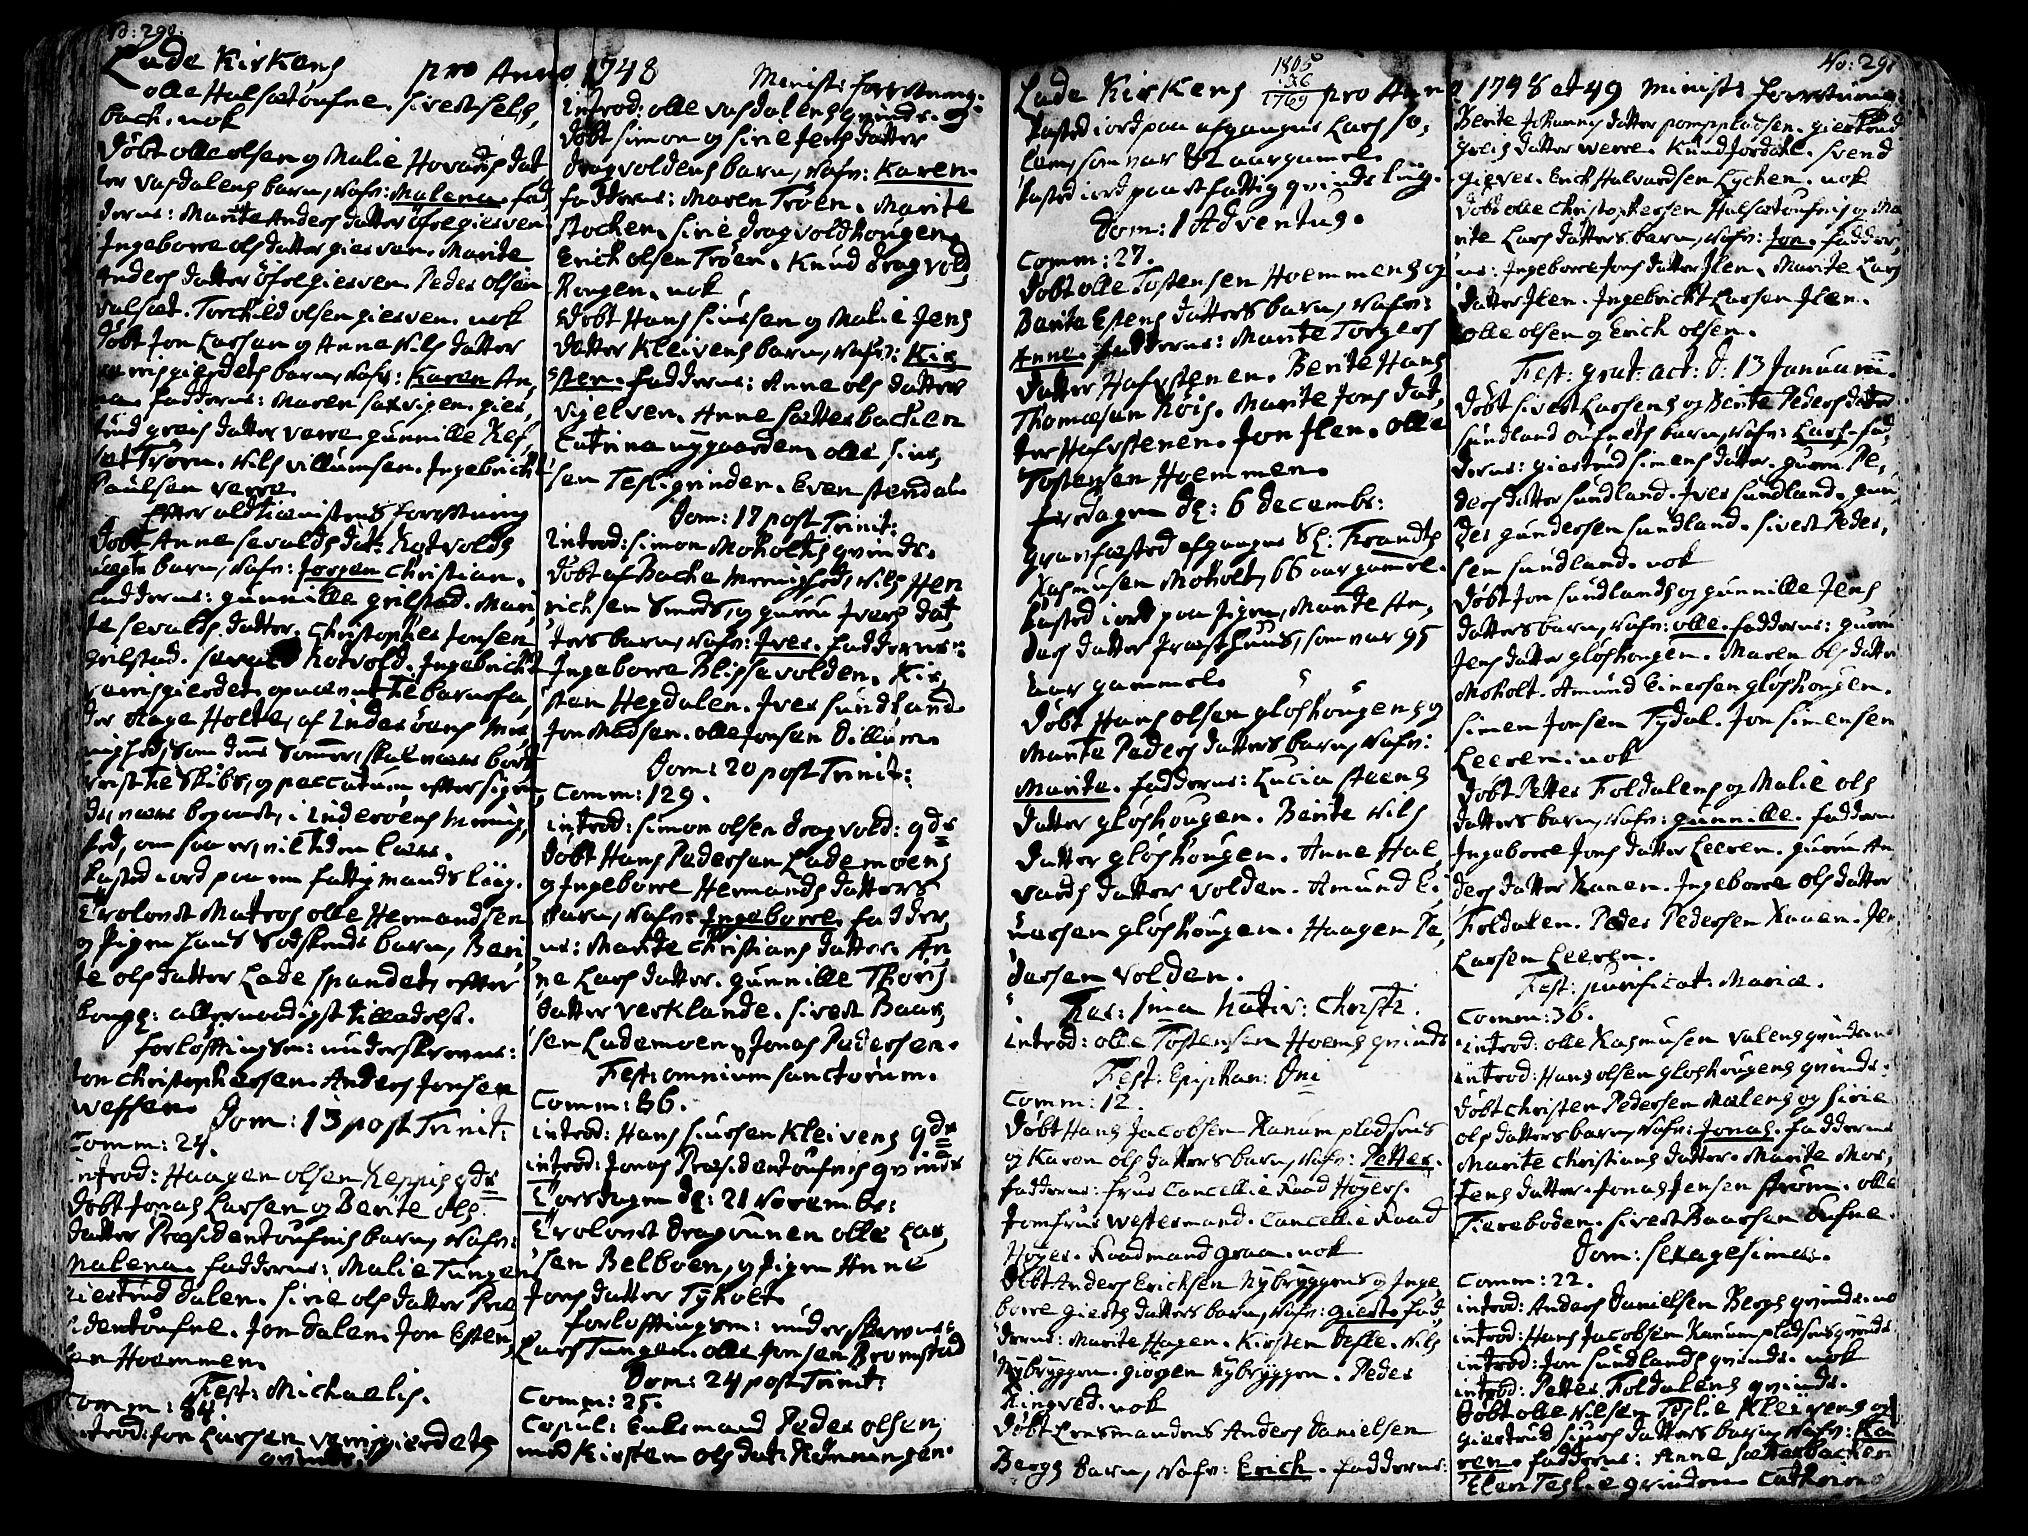 SAT, Ministerialprotokoller, klokkerbøker og fødselsregistre - Sør-Trøndelag, 606/L0275: Ministerialbok nr. 606A01 /1, 1727-1780, s. 290-291